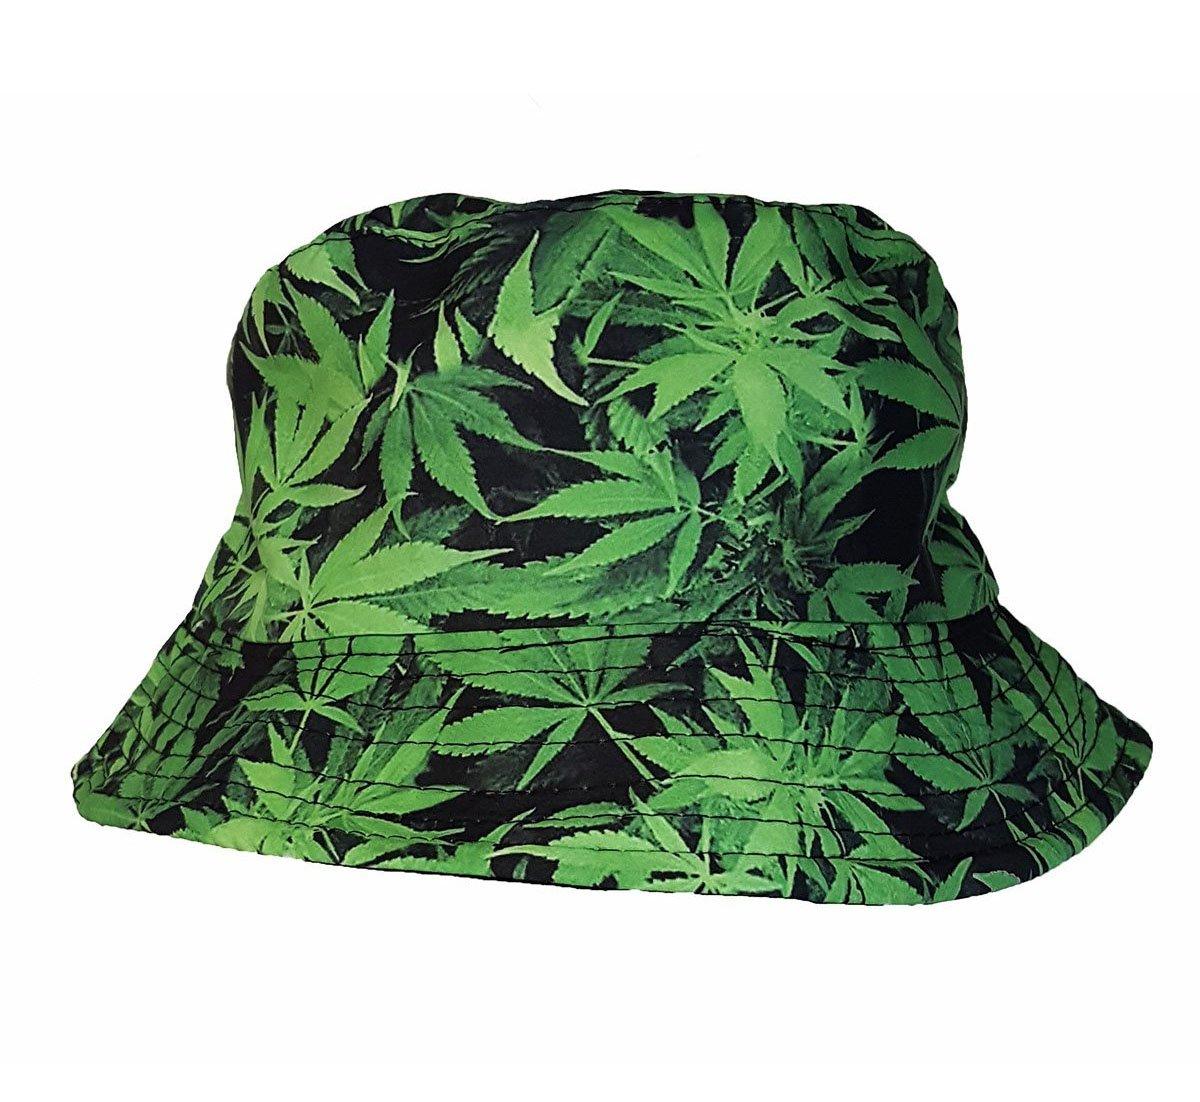 Nice Colorful Cannabis diseño de hoja de marihuana cubo sombrero verde Mejor c69c4a7e03e